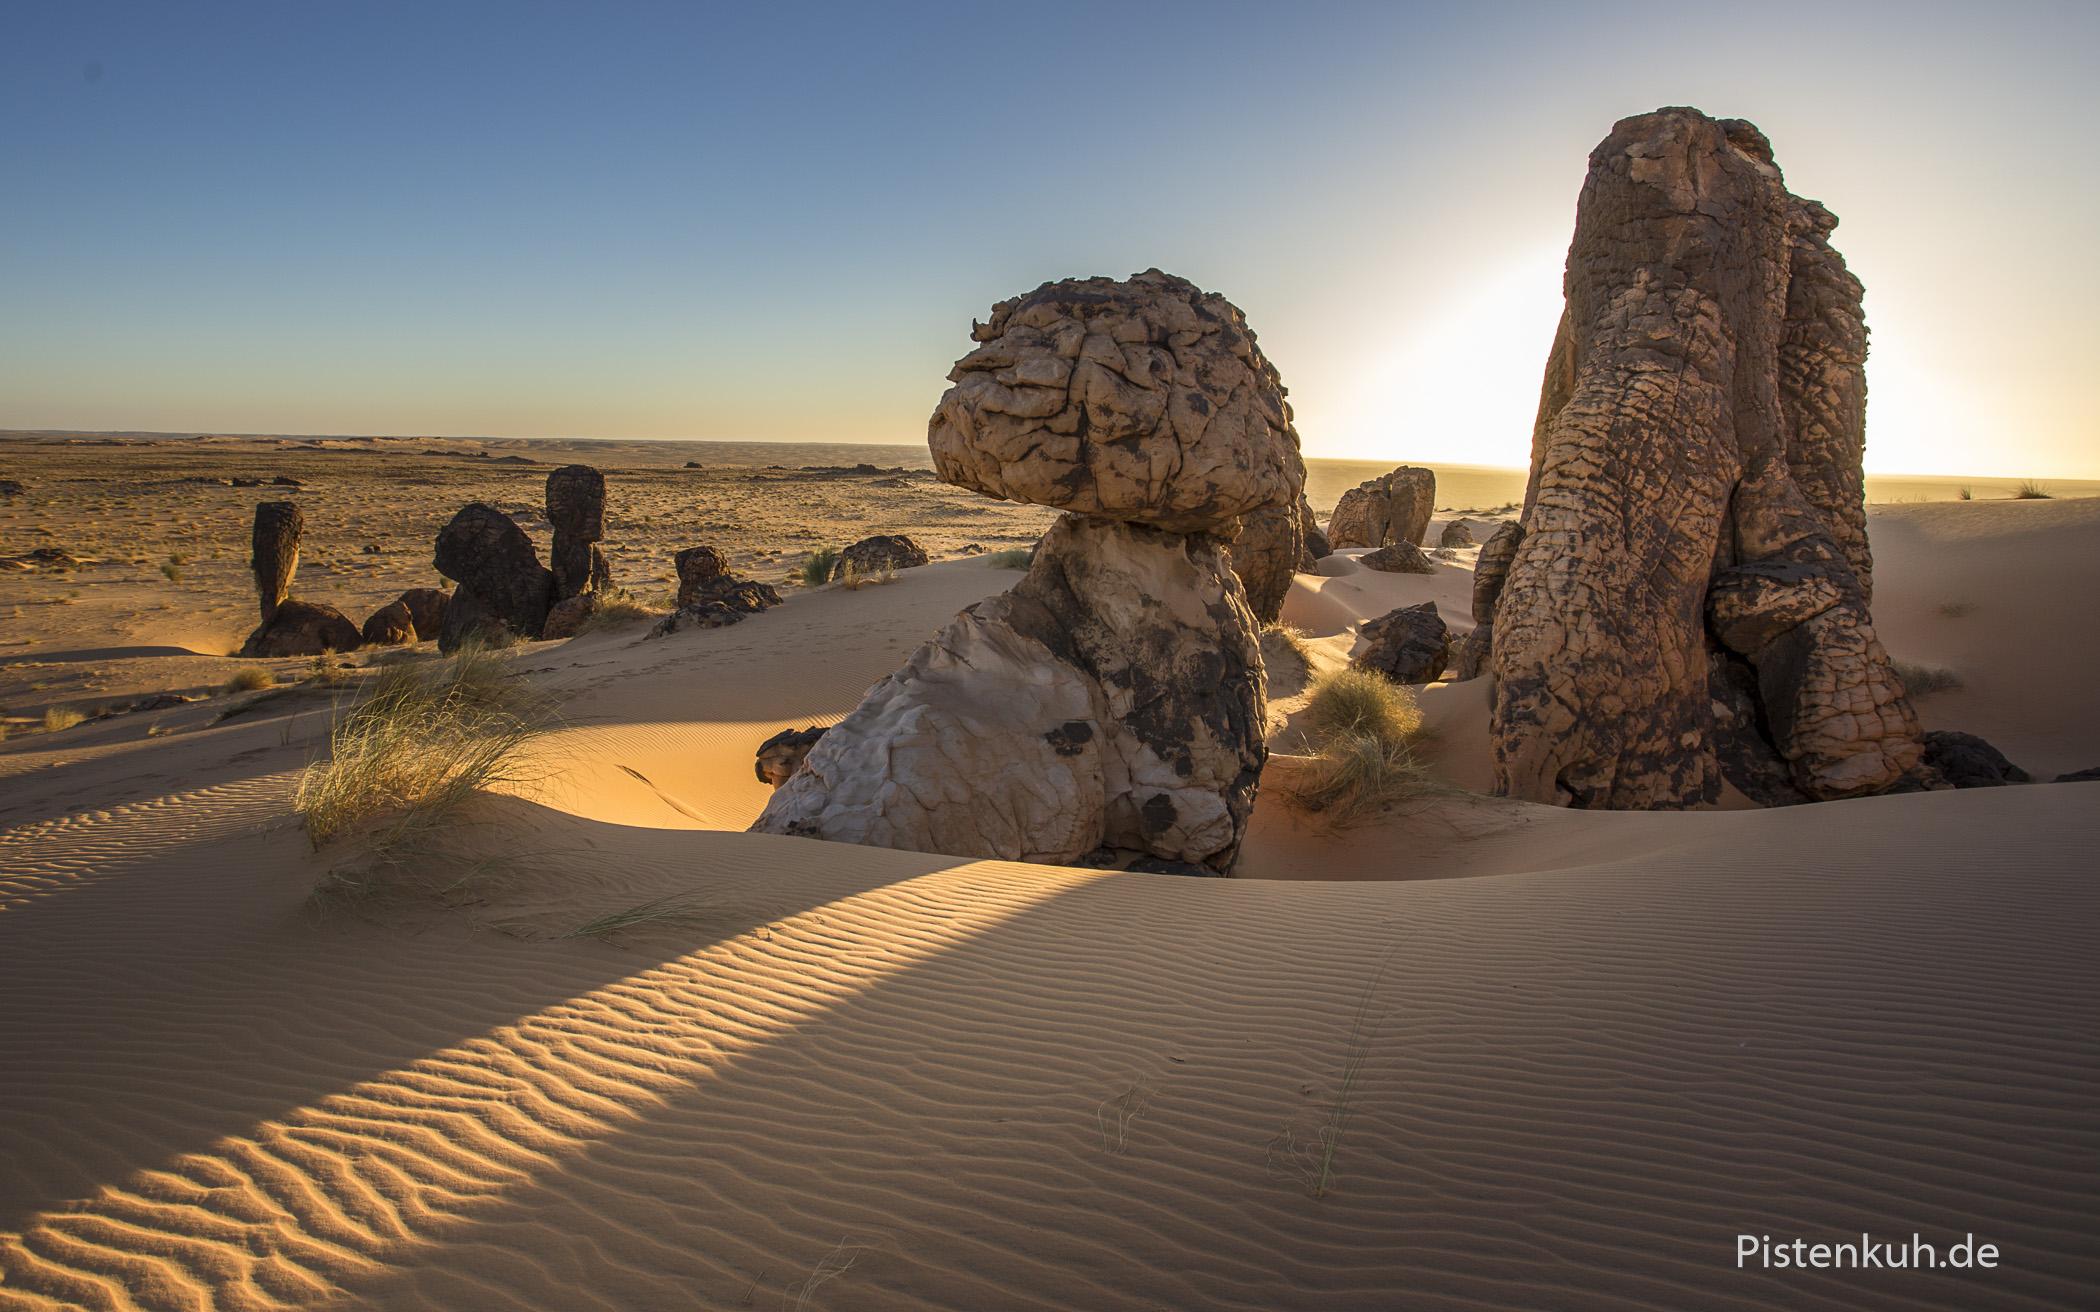 Auf dem Weg durch die mauretanische Wüste passieren wir immer wieder einzigartige Felsformationen.